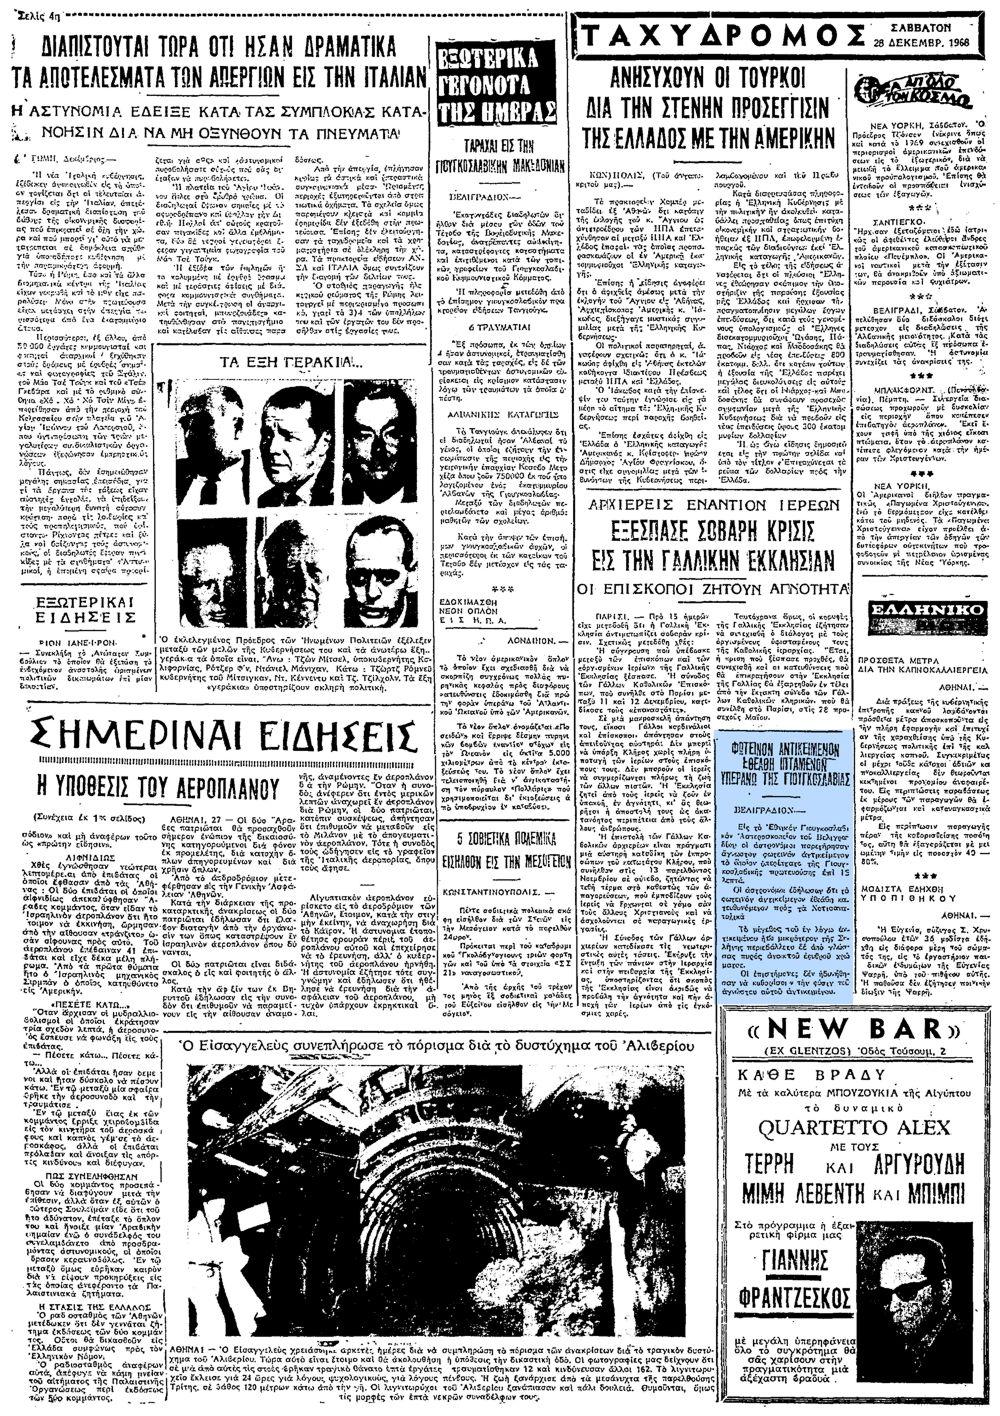 """Το άρθρο, όπως δημοσιεύθηκε στην εφημερίδα """"ΤΑΧΥΔΡΟΜΟΣ"""", στις 28/12/1968"""